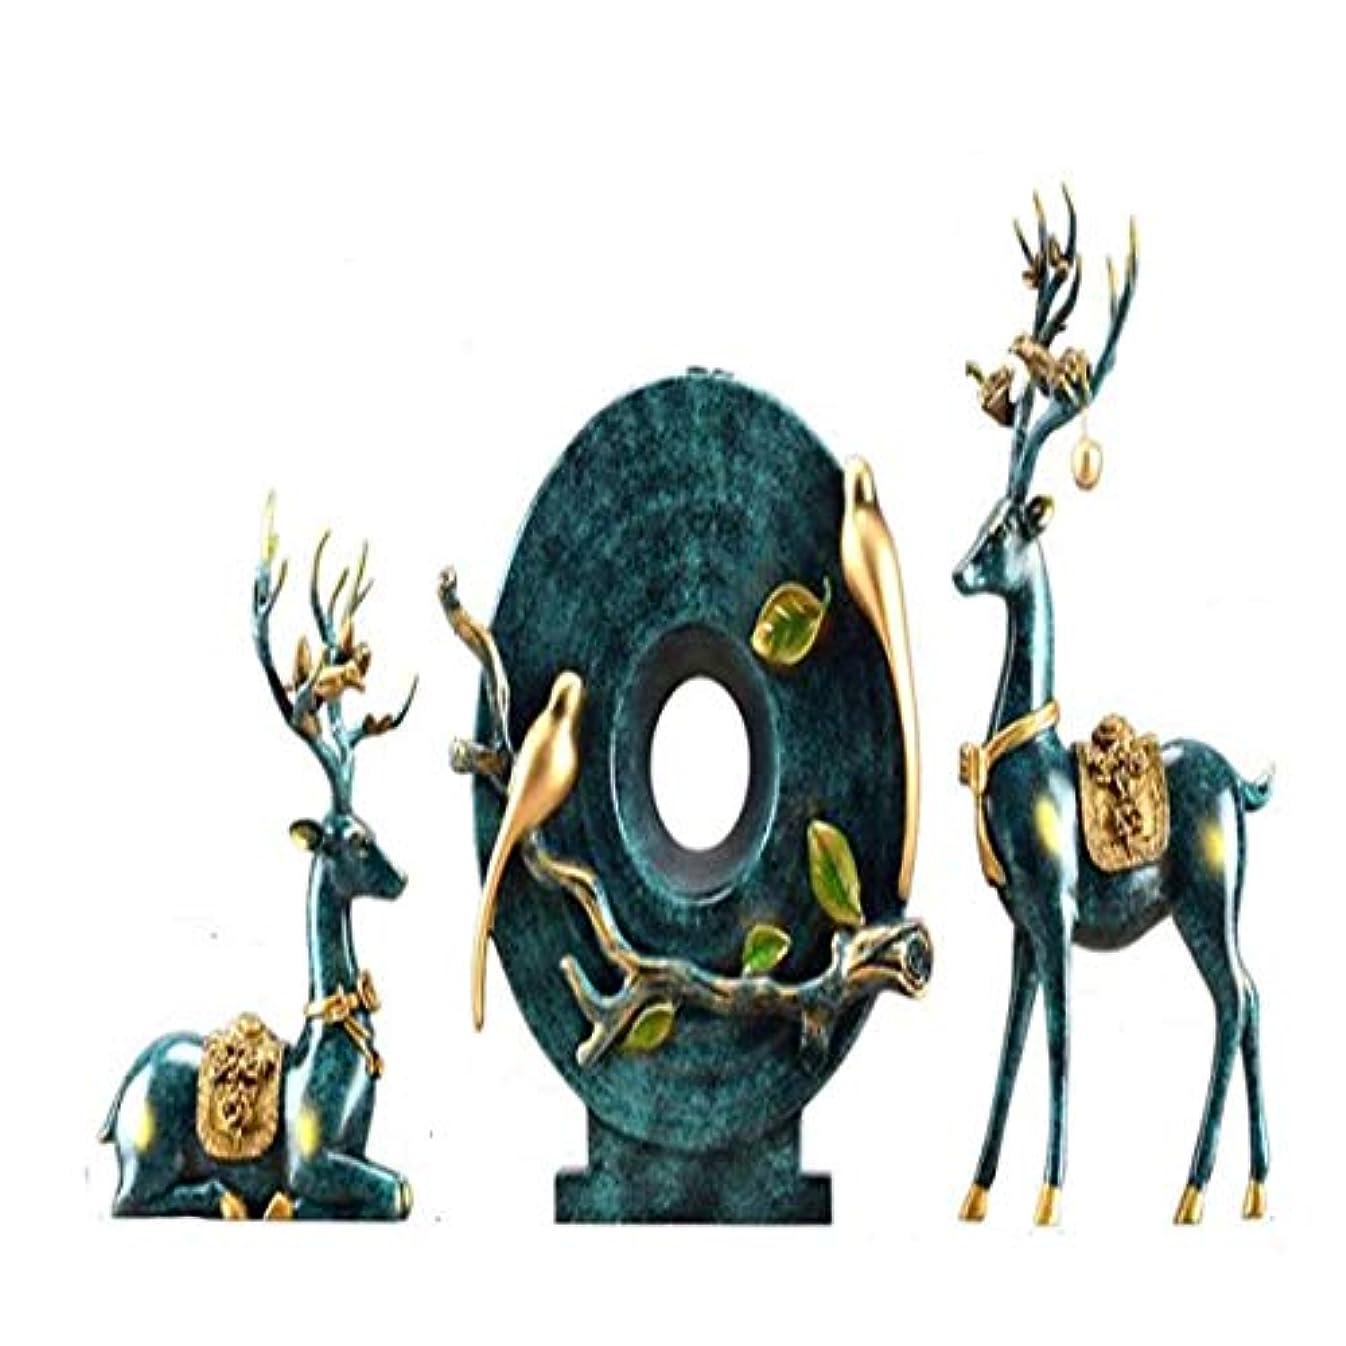 恐怖症忠誠キッチンQiyuezhuangshi クリエイティブアメリカン鹿の装飾品花瓶リビングルーム新しい家の結婚式のギフトワインキャビネットテレビキャビネットホームソフト装飾家具,美しいホリデーギフト (Color : A)